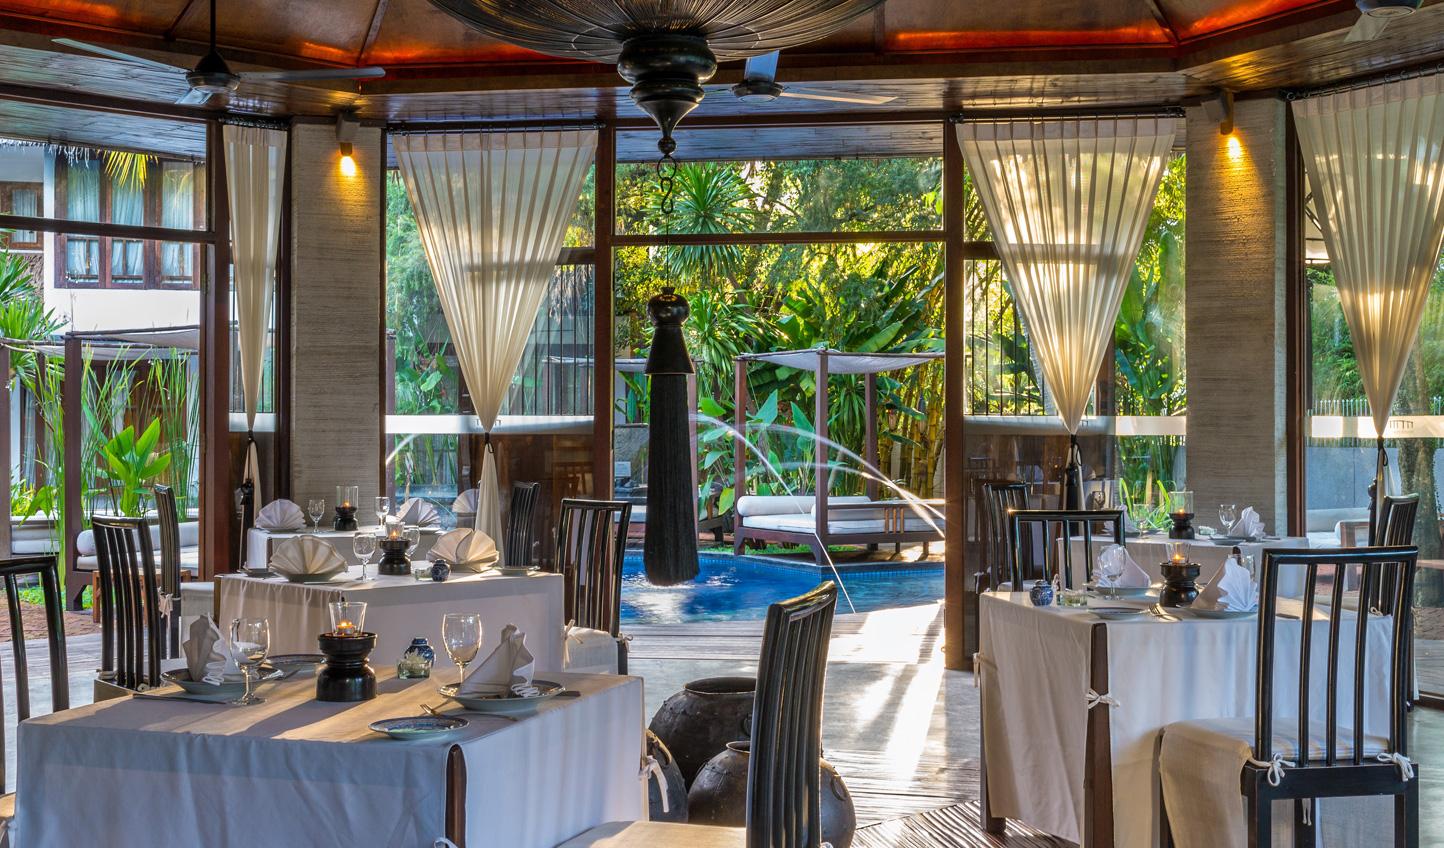 Dine amid a tropical oasis